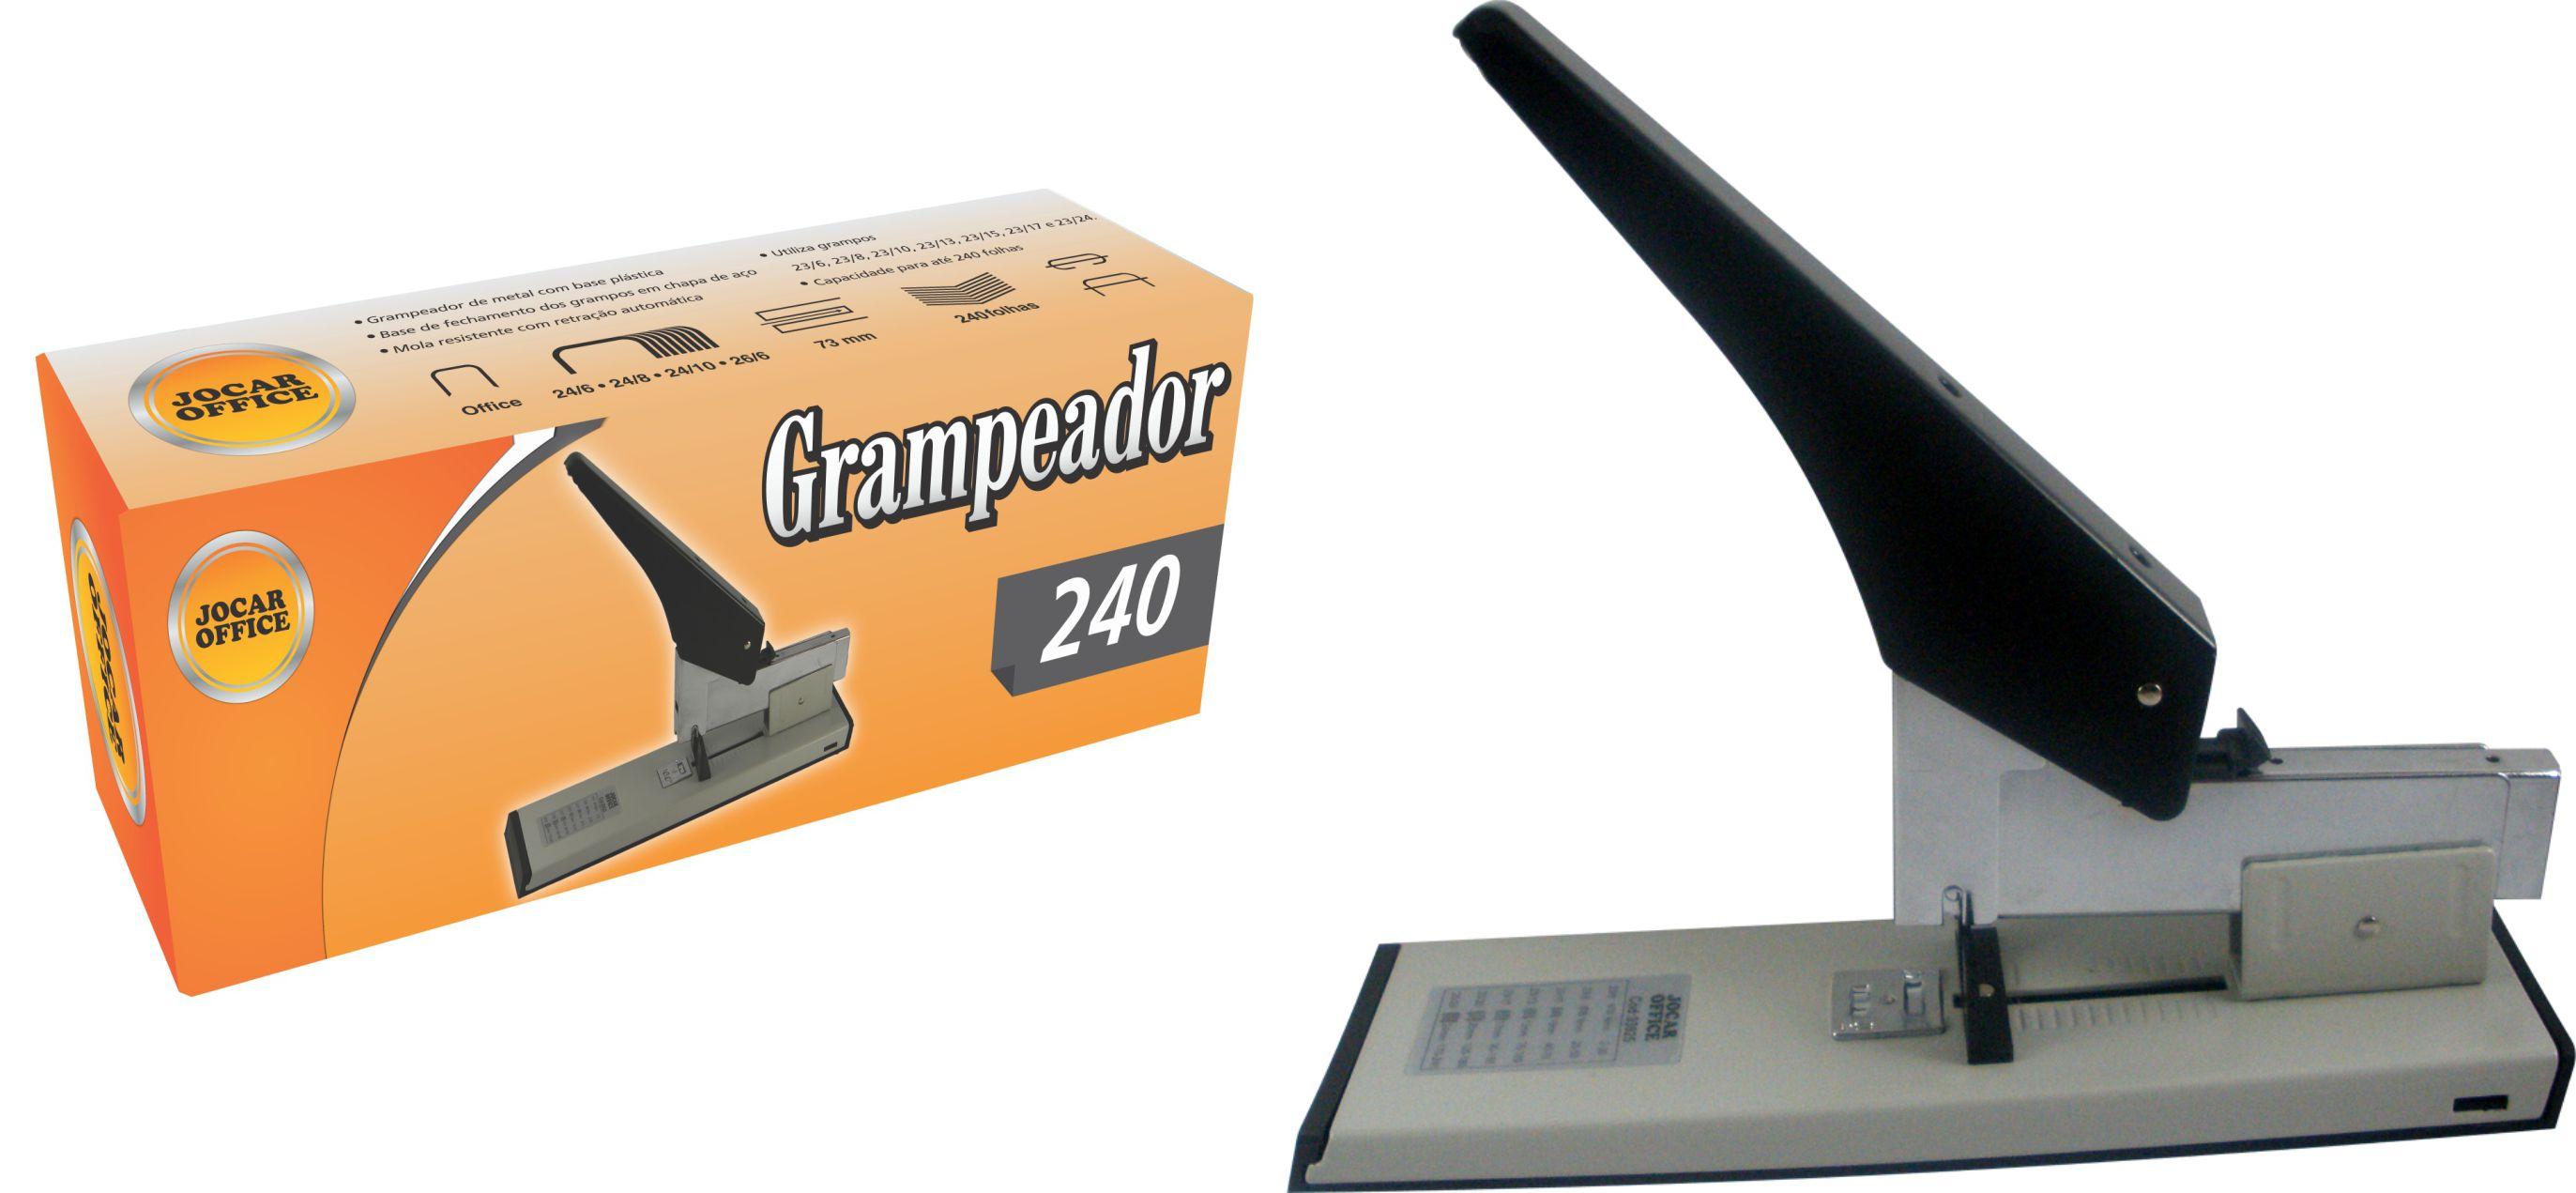 GRAMPEADOR METAL 240FL 93025 JOCAR